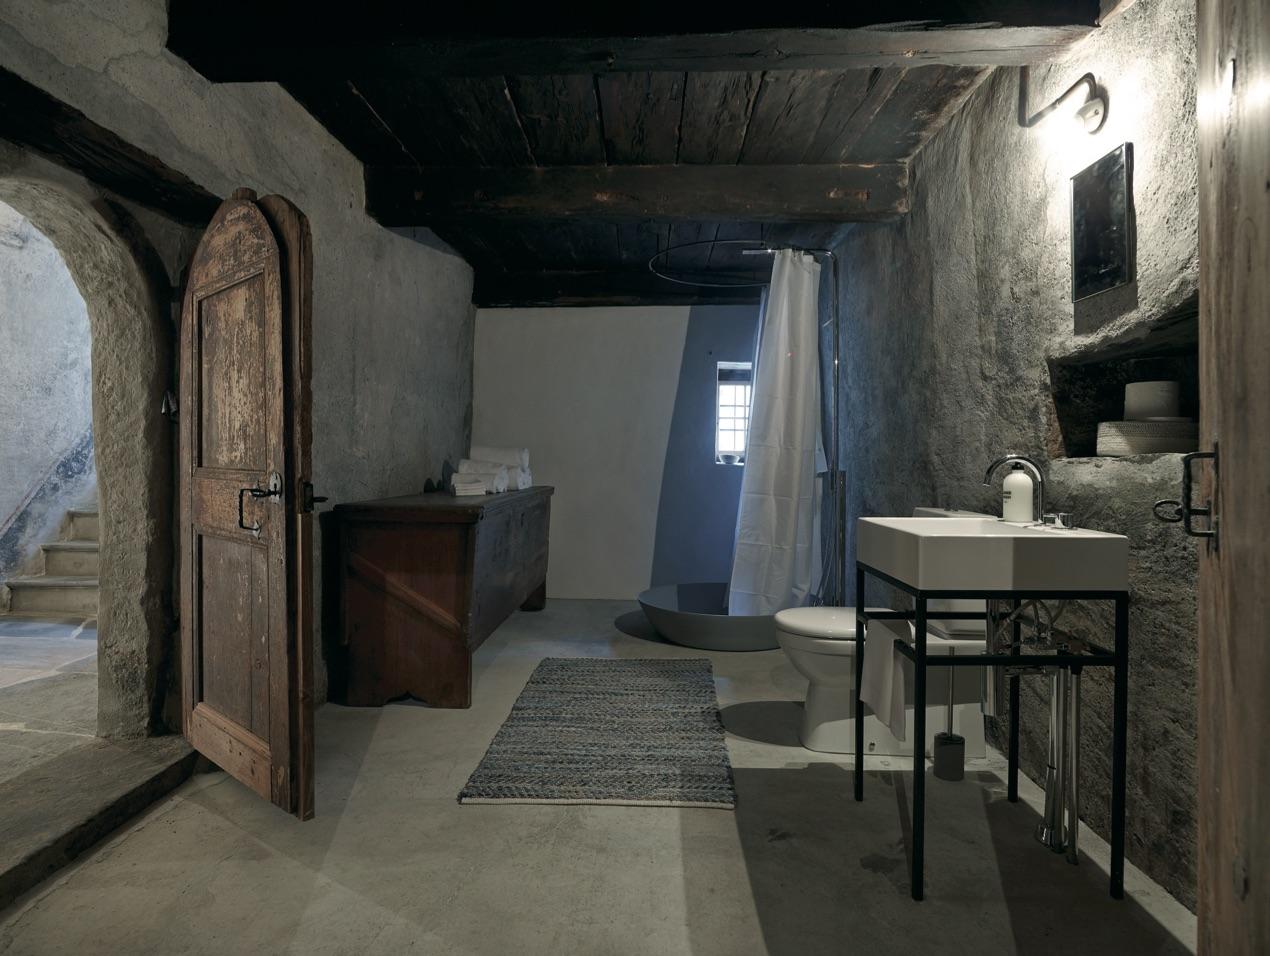 Salle De Bain Image salle de bain, l'esprit chalet de montagne revisité façon design